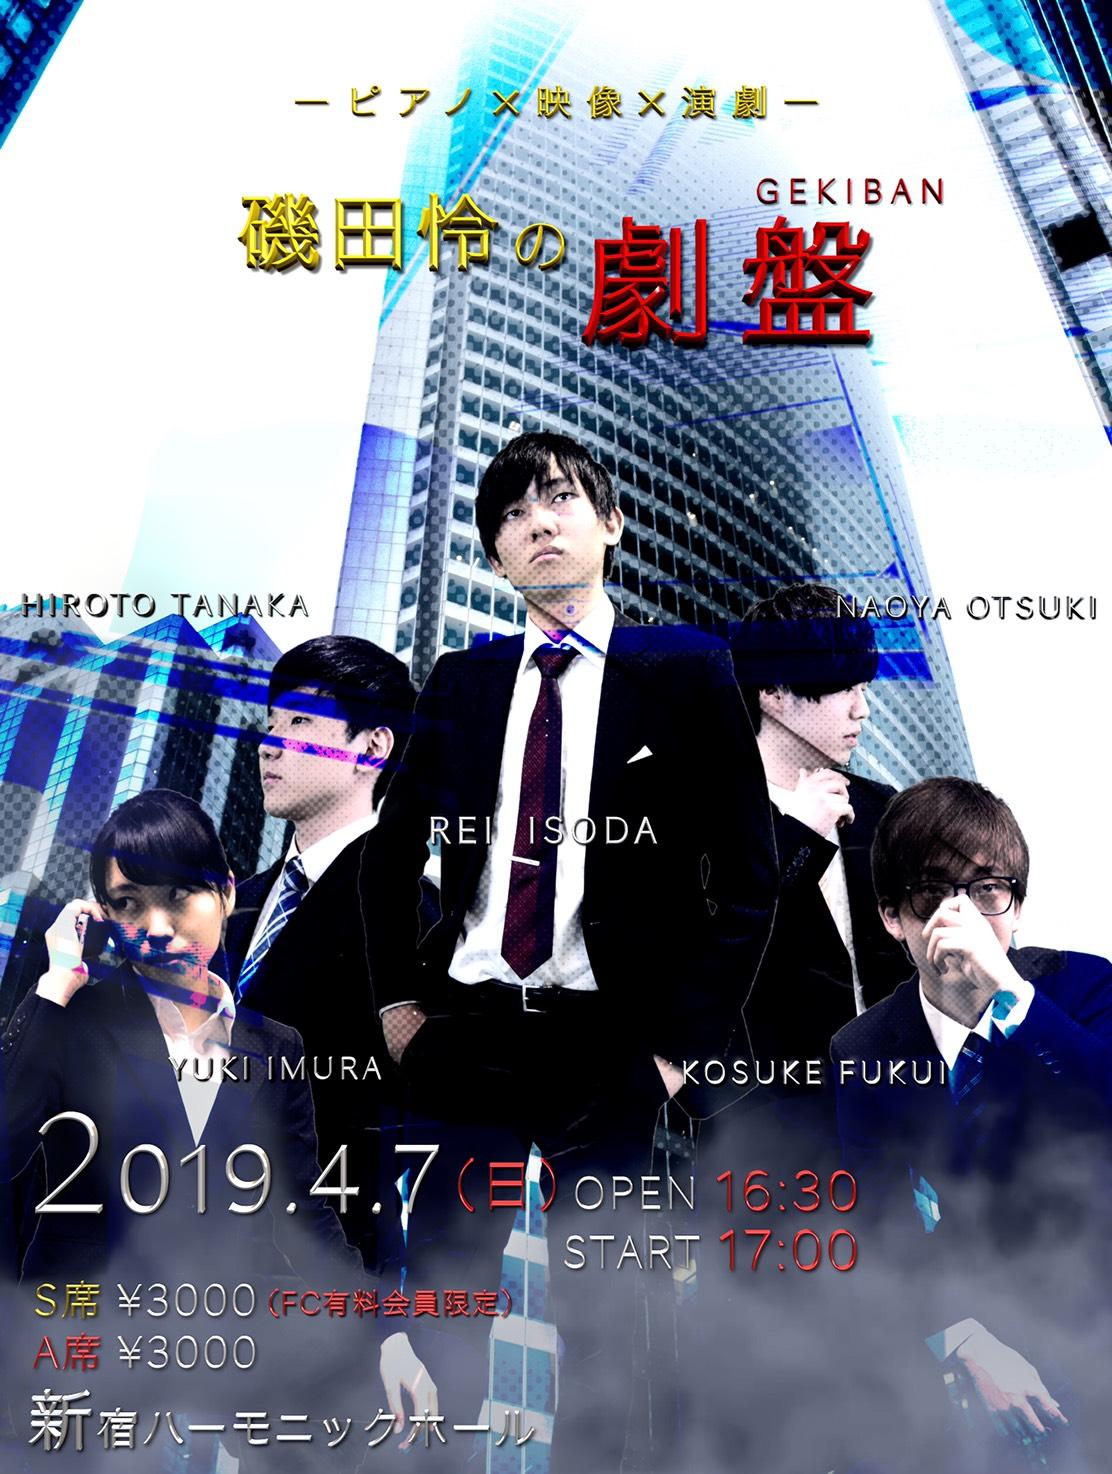 磯田怜の劇盤 / GEKIBAN 〜「ピアノ」と「映像」と「演劇」が織り成す新感覚舞台〜